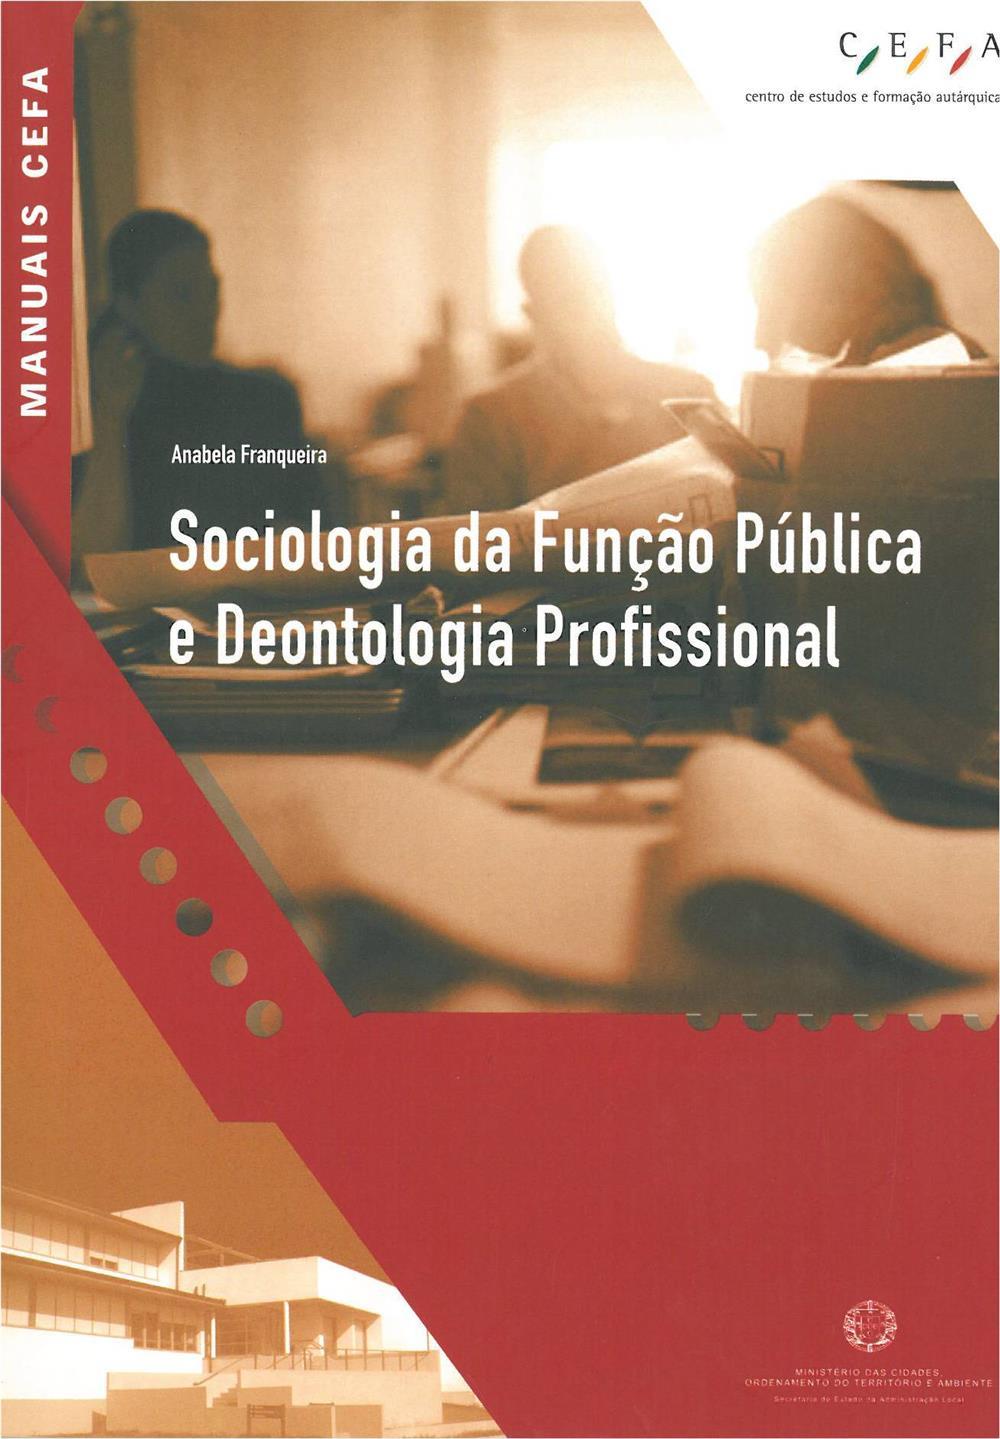 Sociologia da função pública e deontologia profissional_.jpg